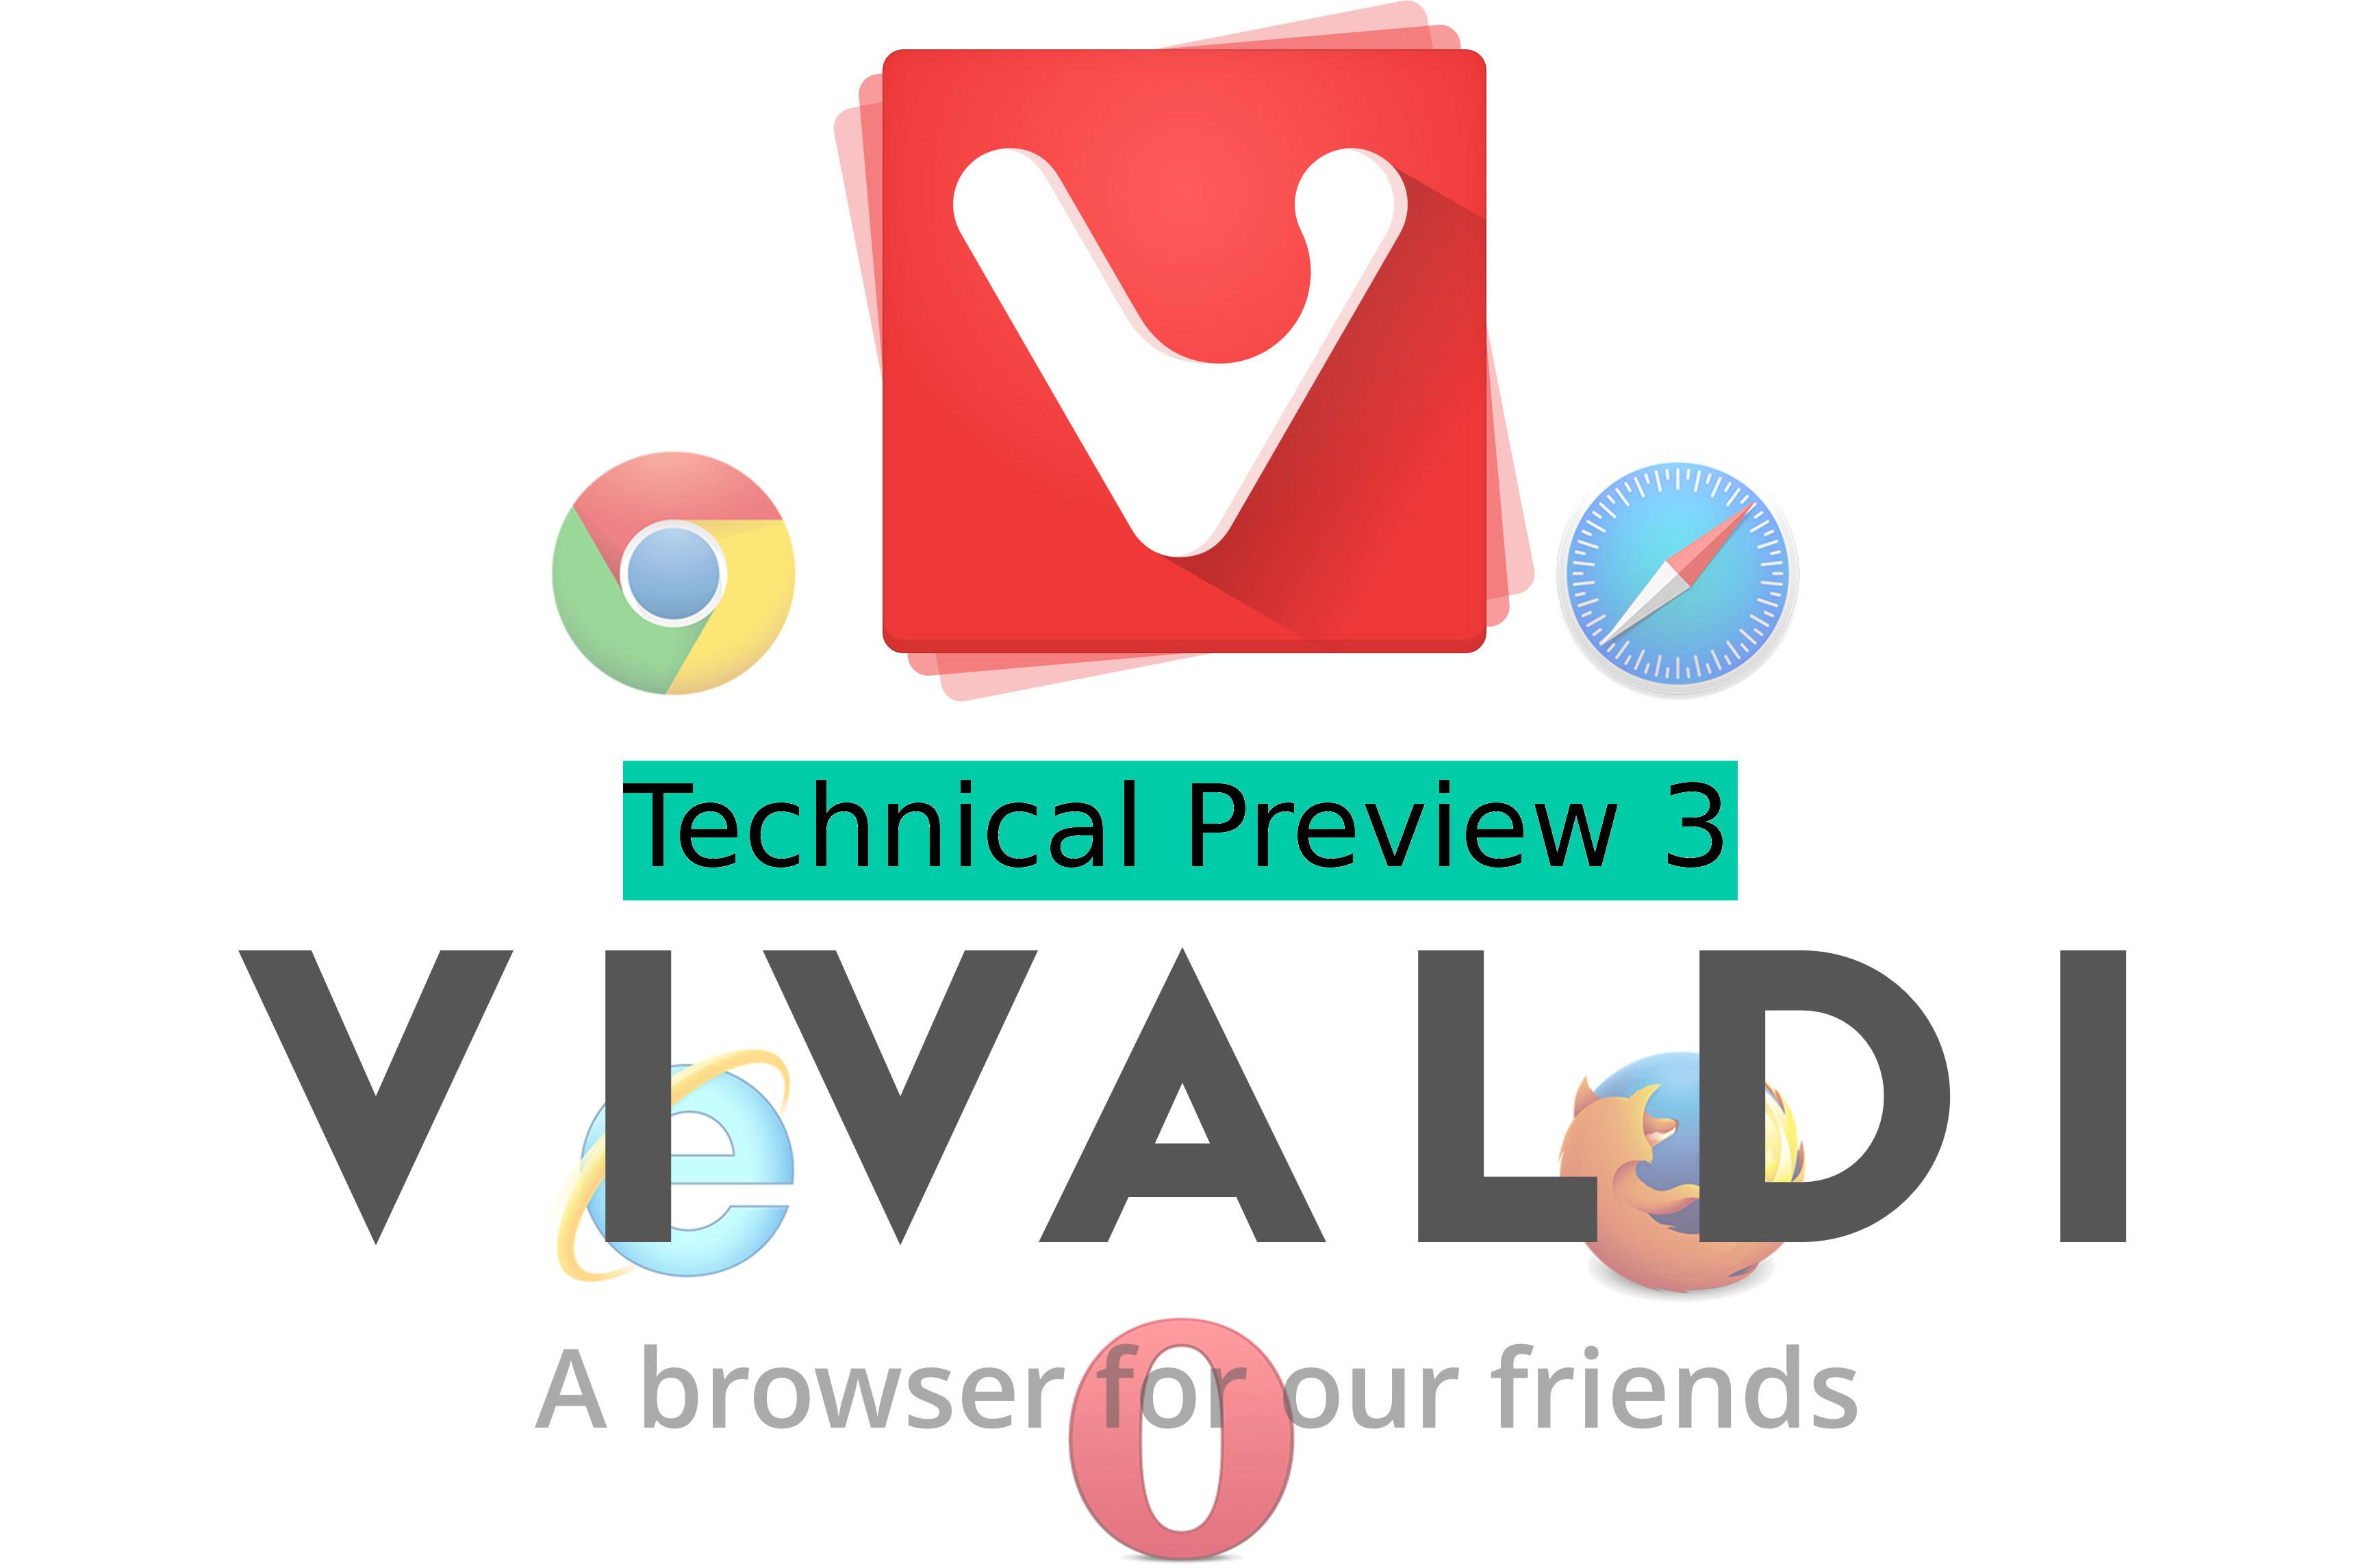 VIVALDIが徐々にいい感じに仕上がってきている!